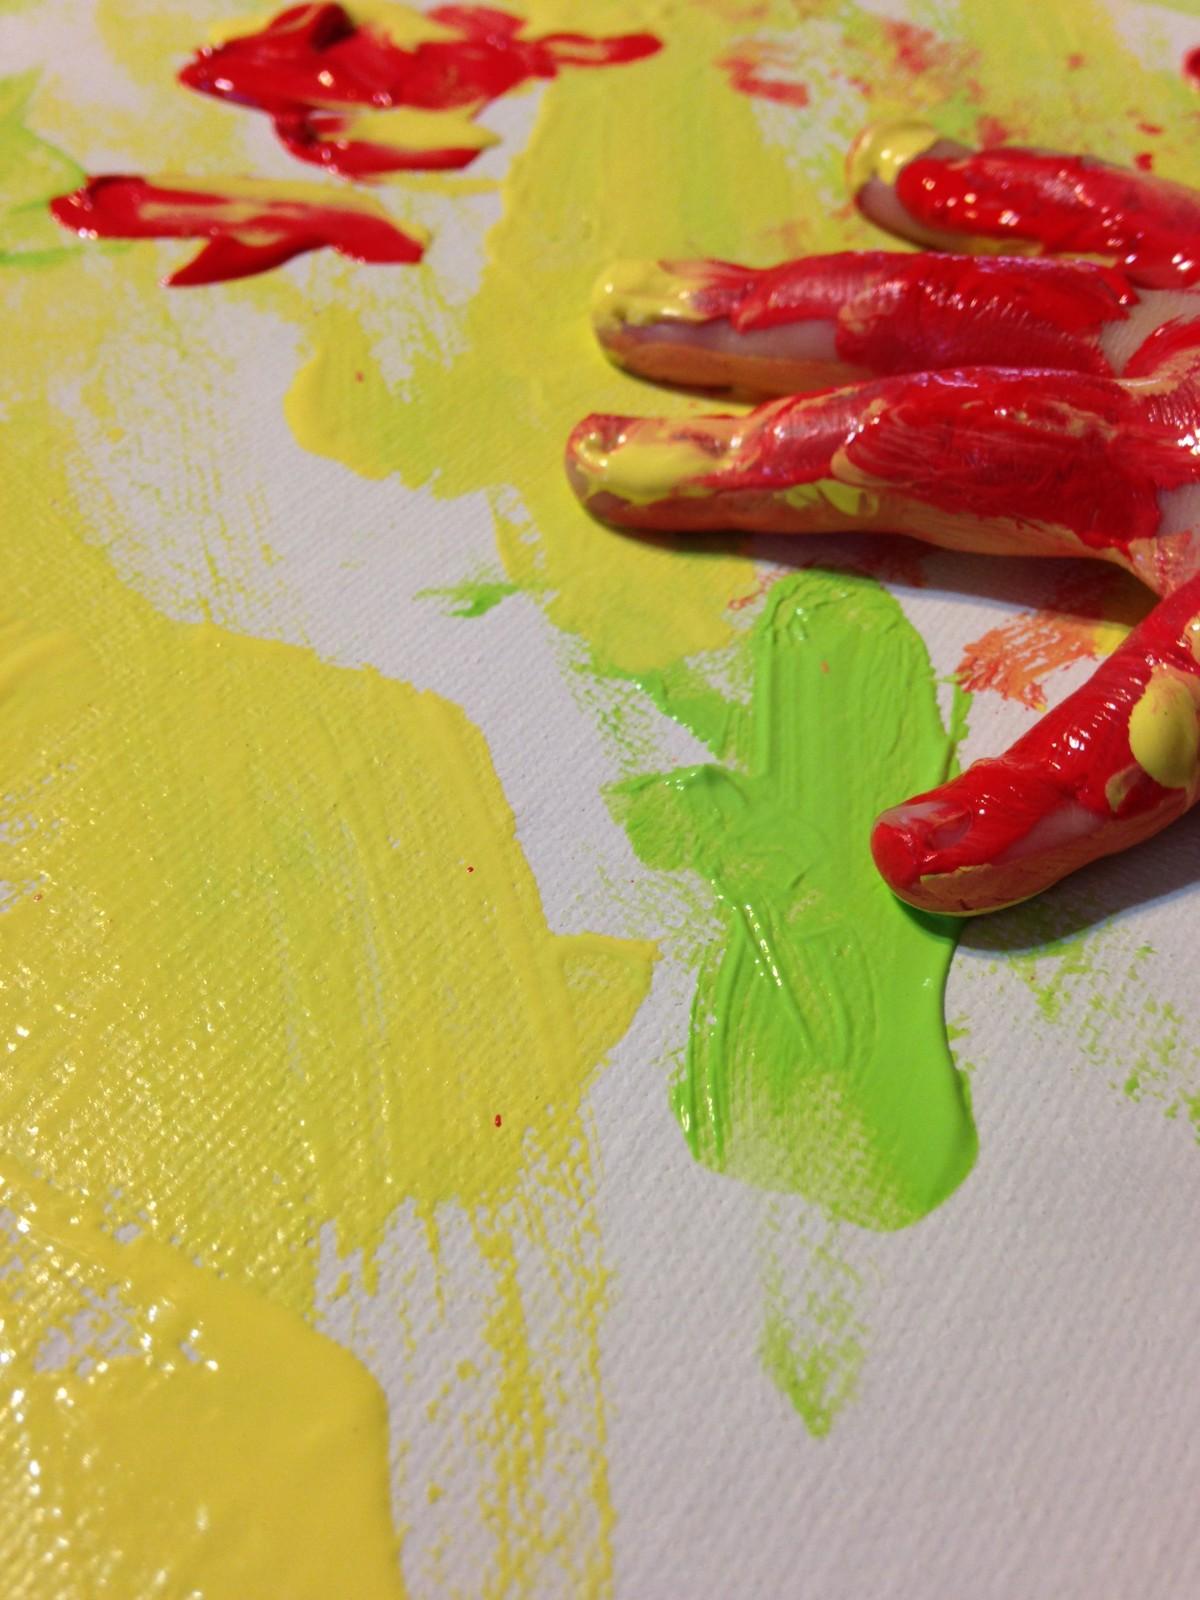 main Créatif plante jouer fleur pétale enfant Jeune doigt aliments produire Couleur artistique artiste peindre Coloré jaune loisir enfance La peinture activité art Enfants couleurs la créativité peu imagination Toile plante à fleurs loisirs Main d'enfant Plante terrestre